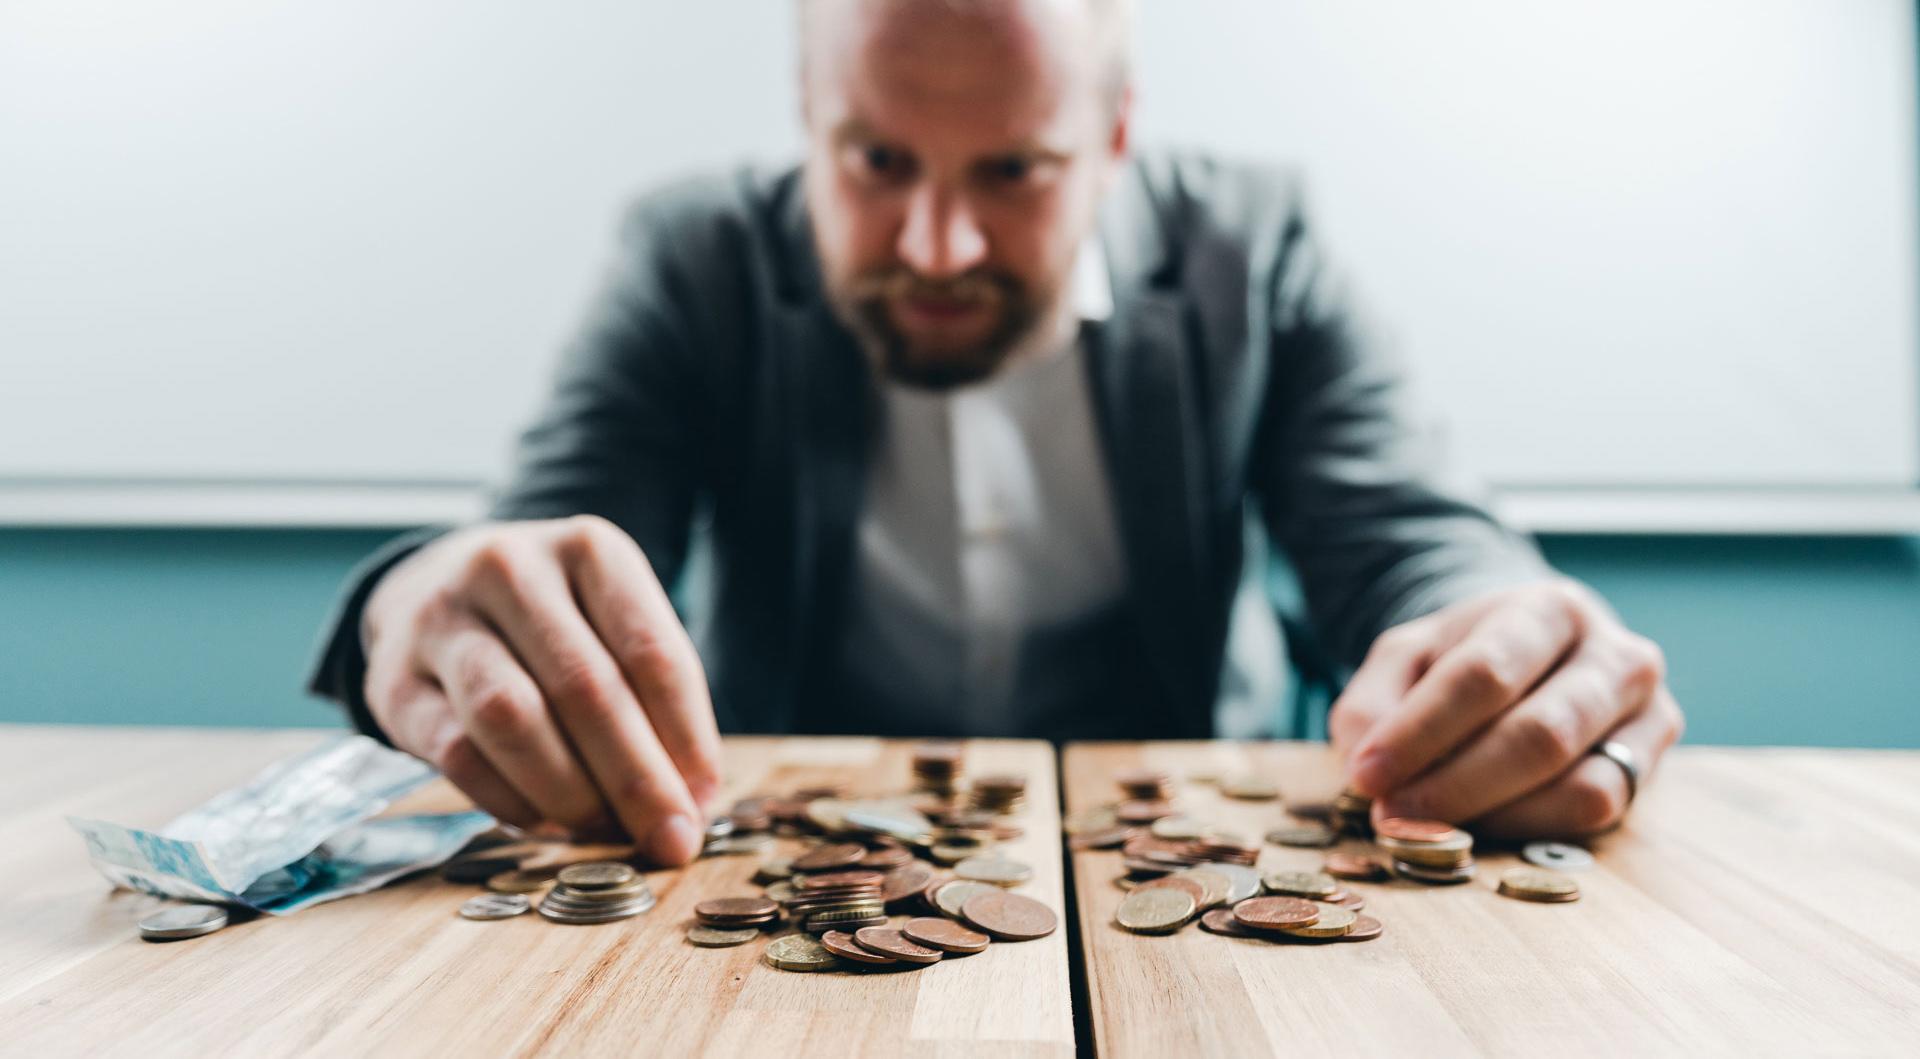 Mies laskee edessään pöydällä olevia rahoja.